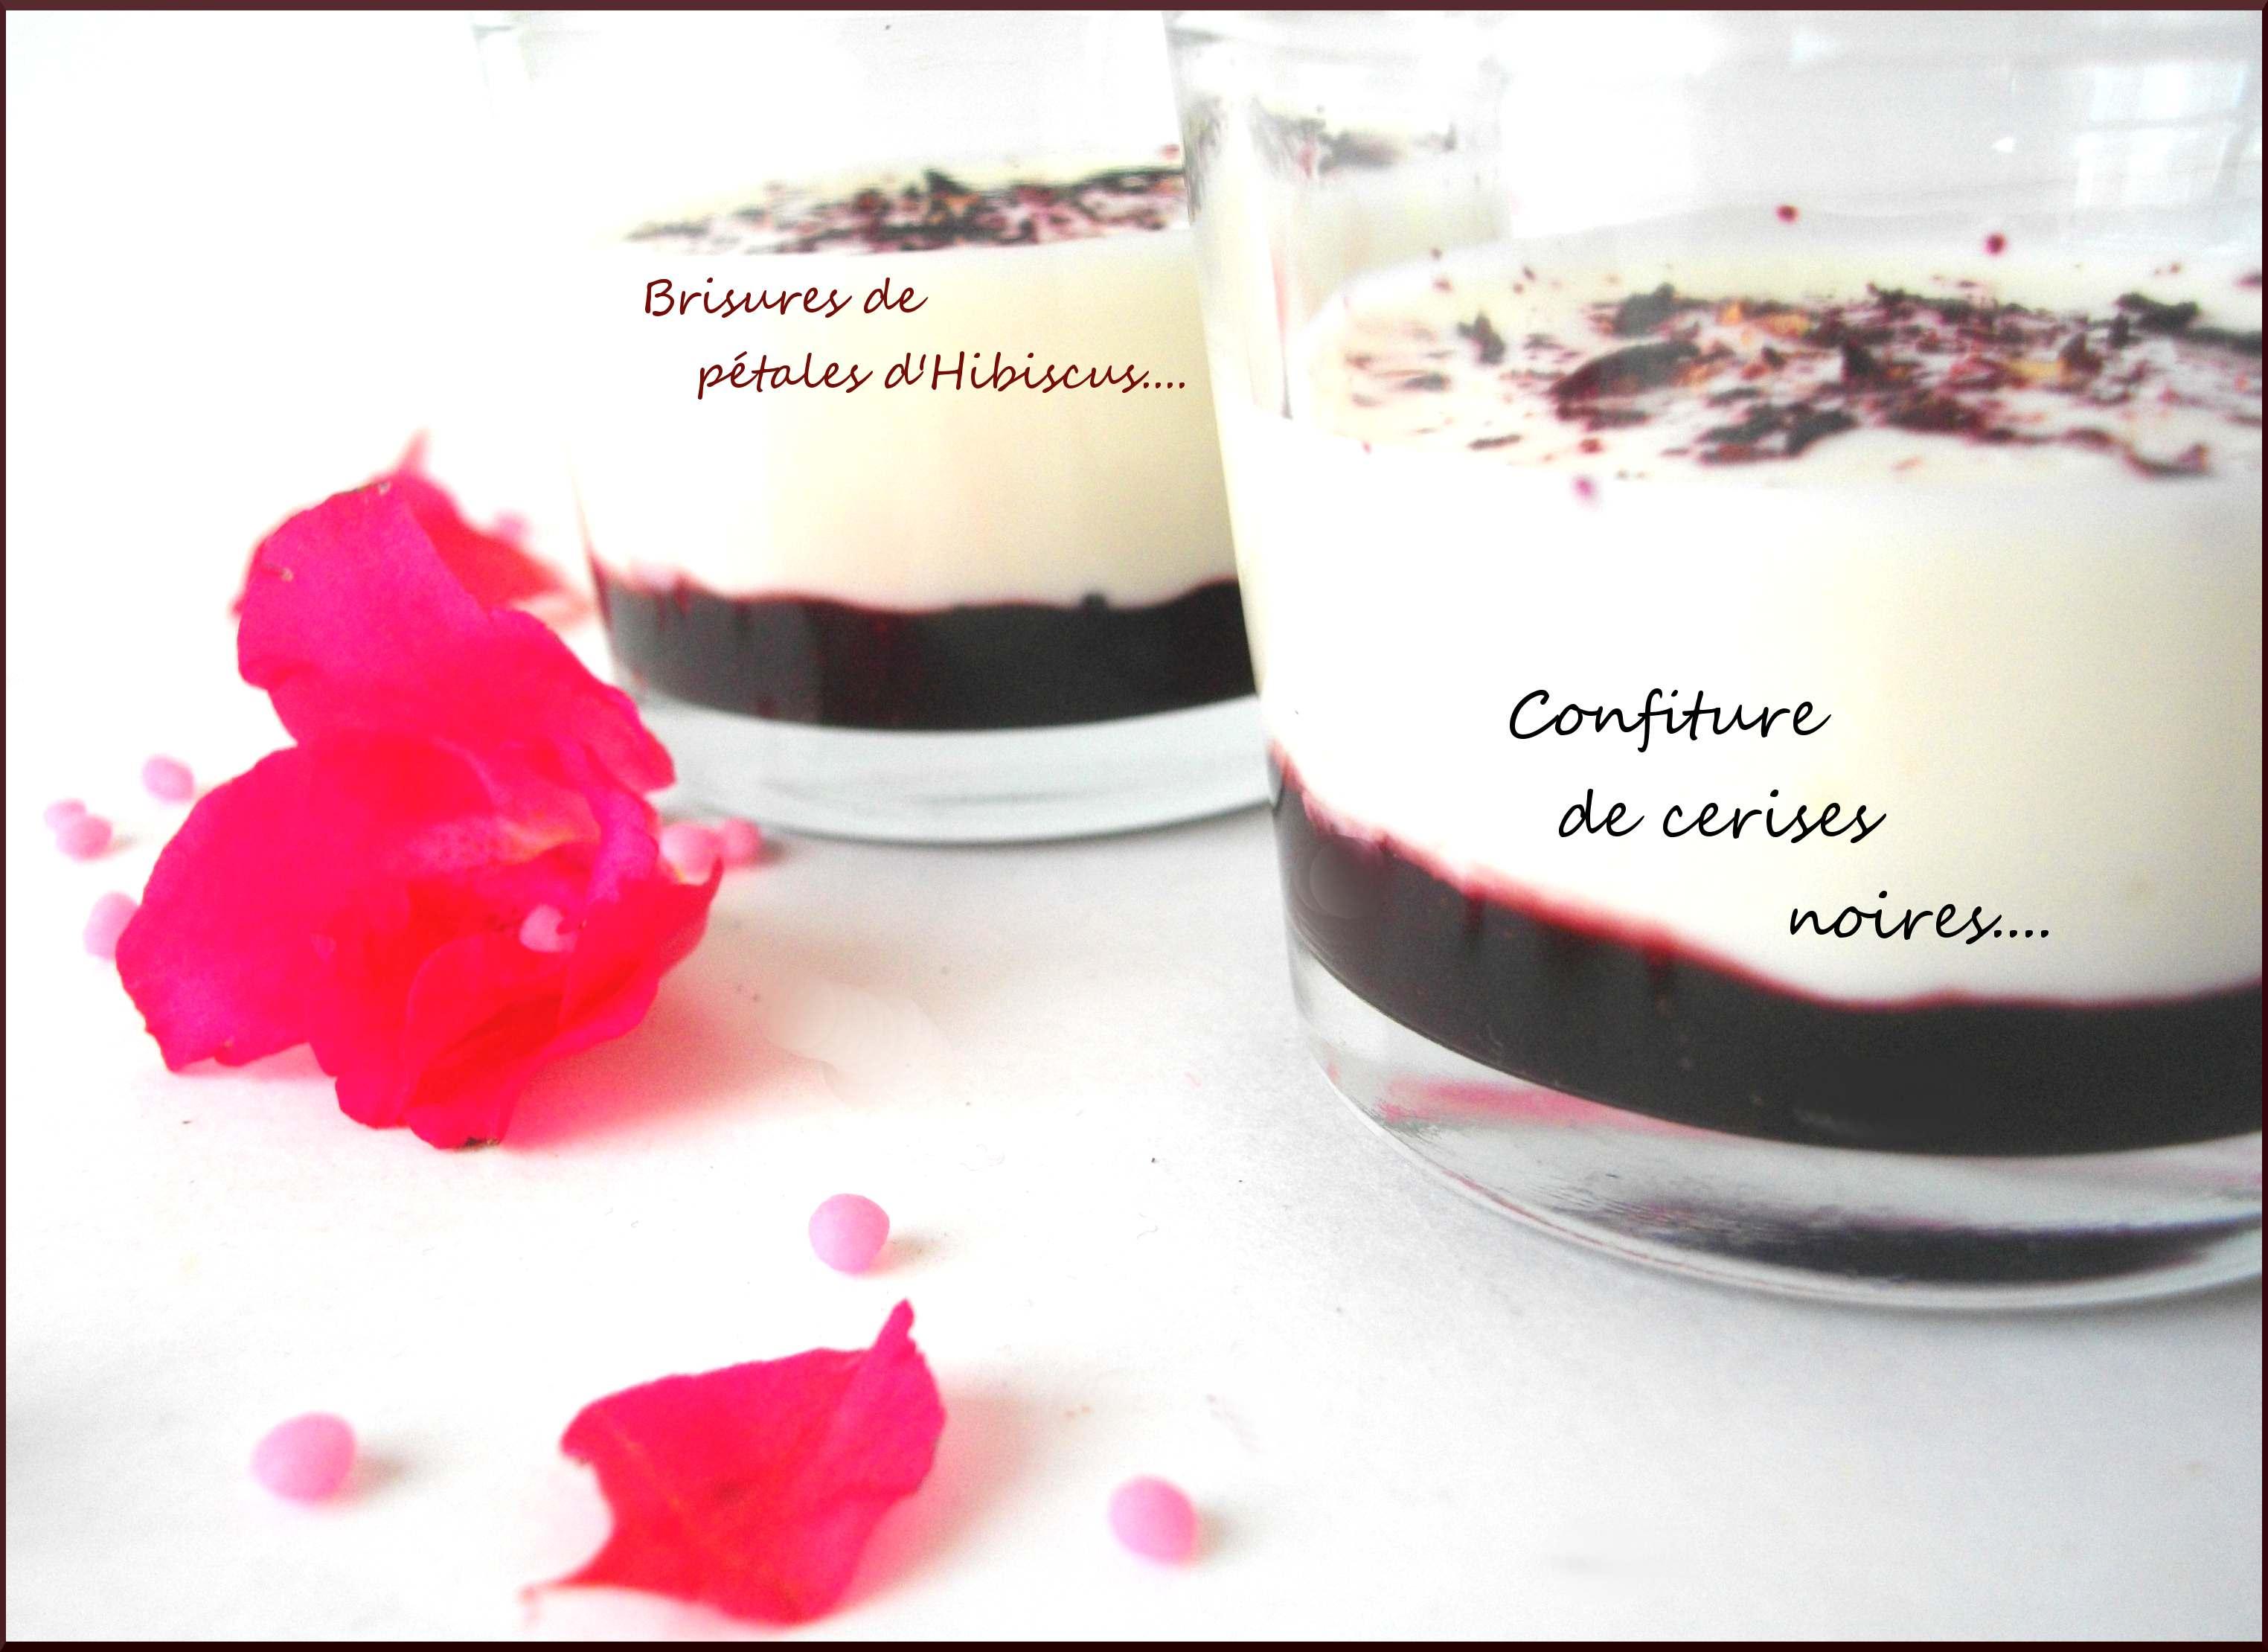 Veloutés de Brebis à la confiture de cerises noires et Brisures de pétales séchées d'Hibiscus